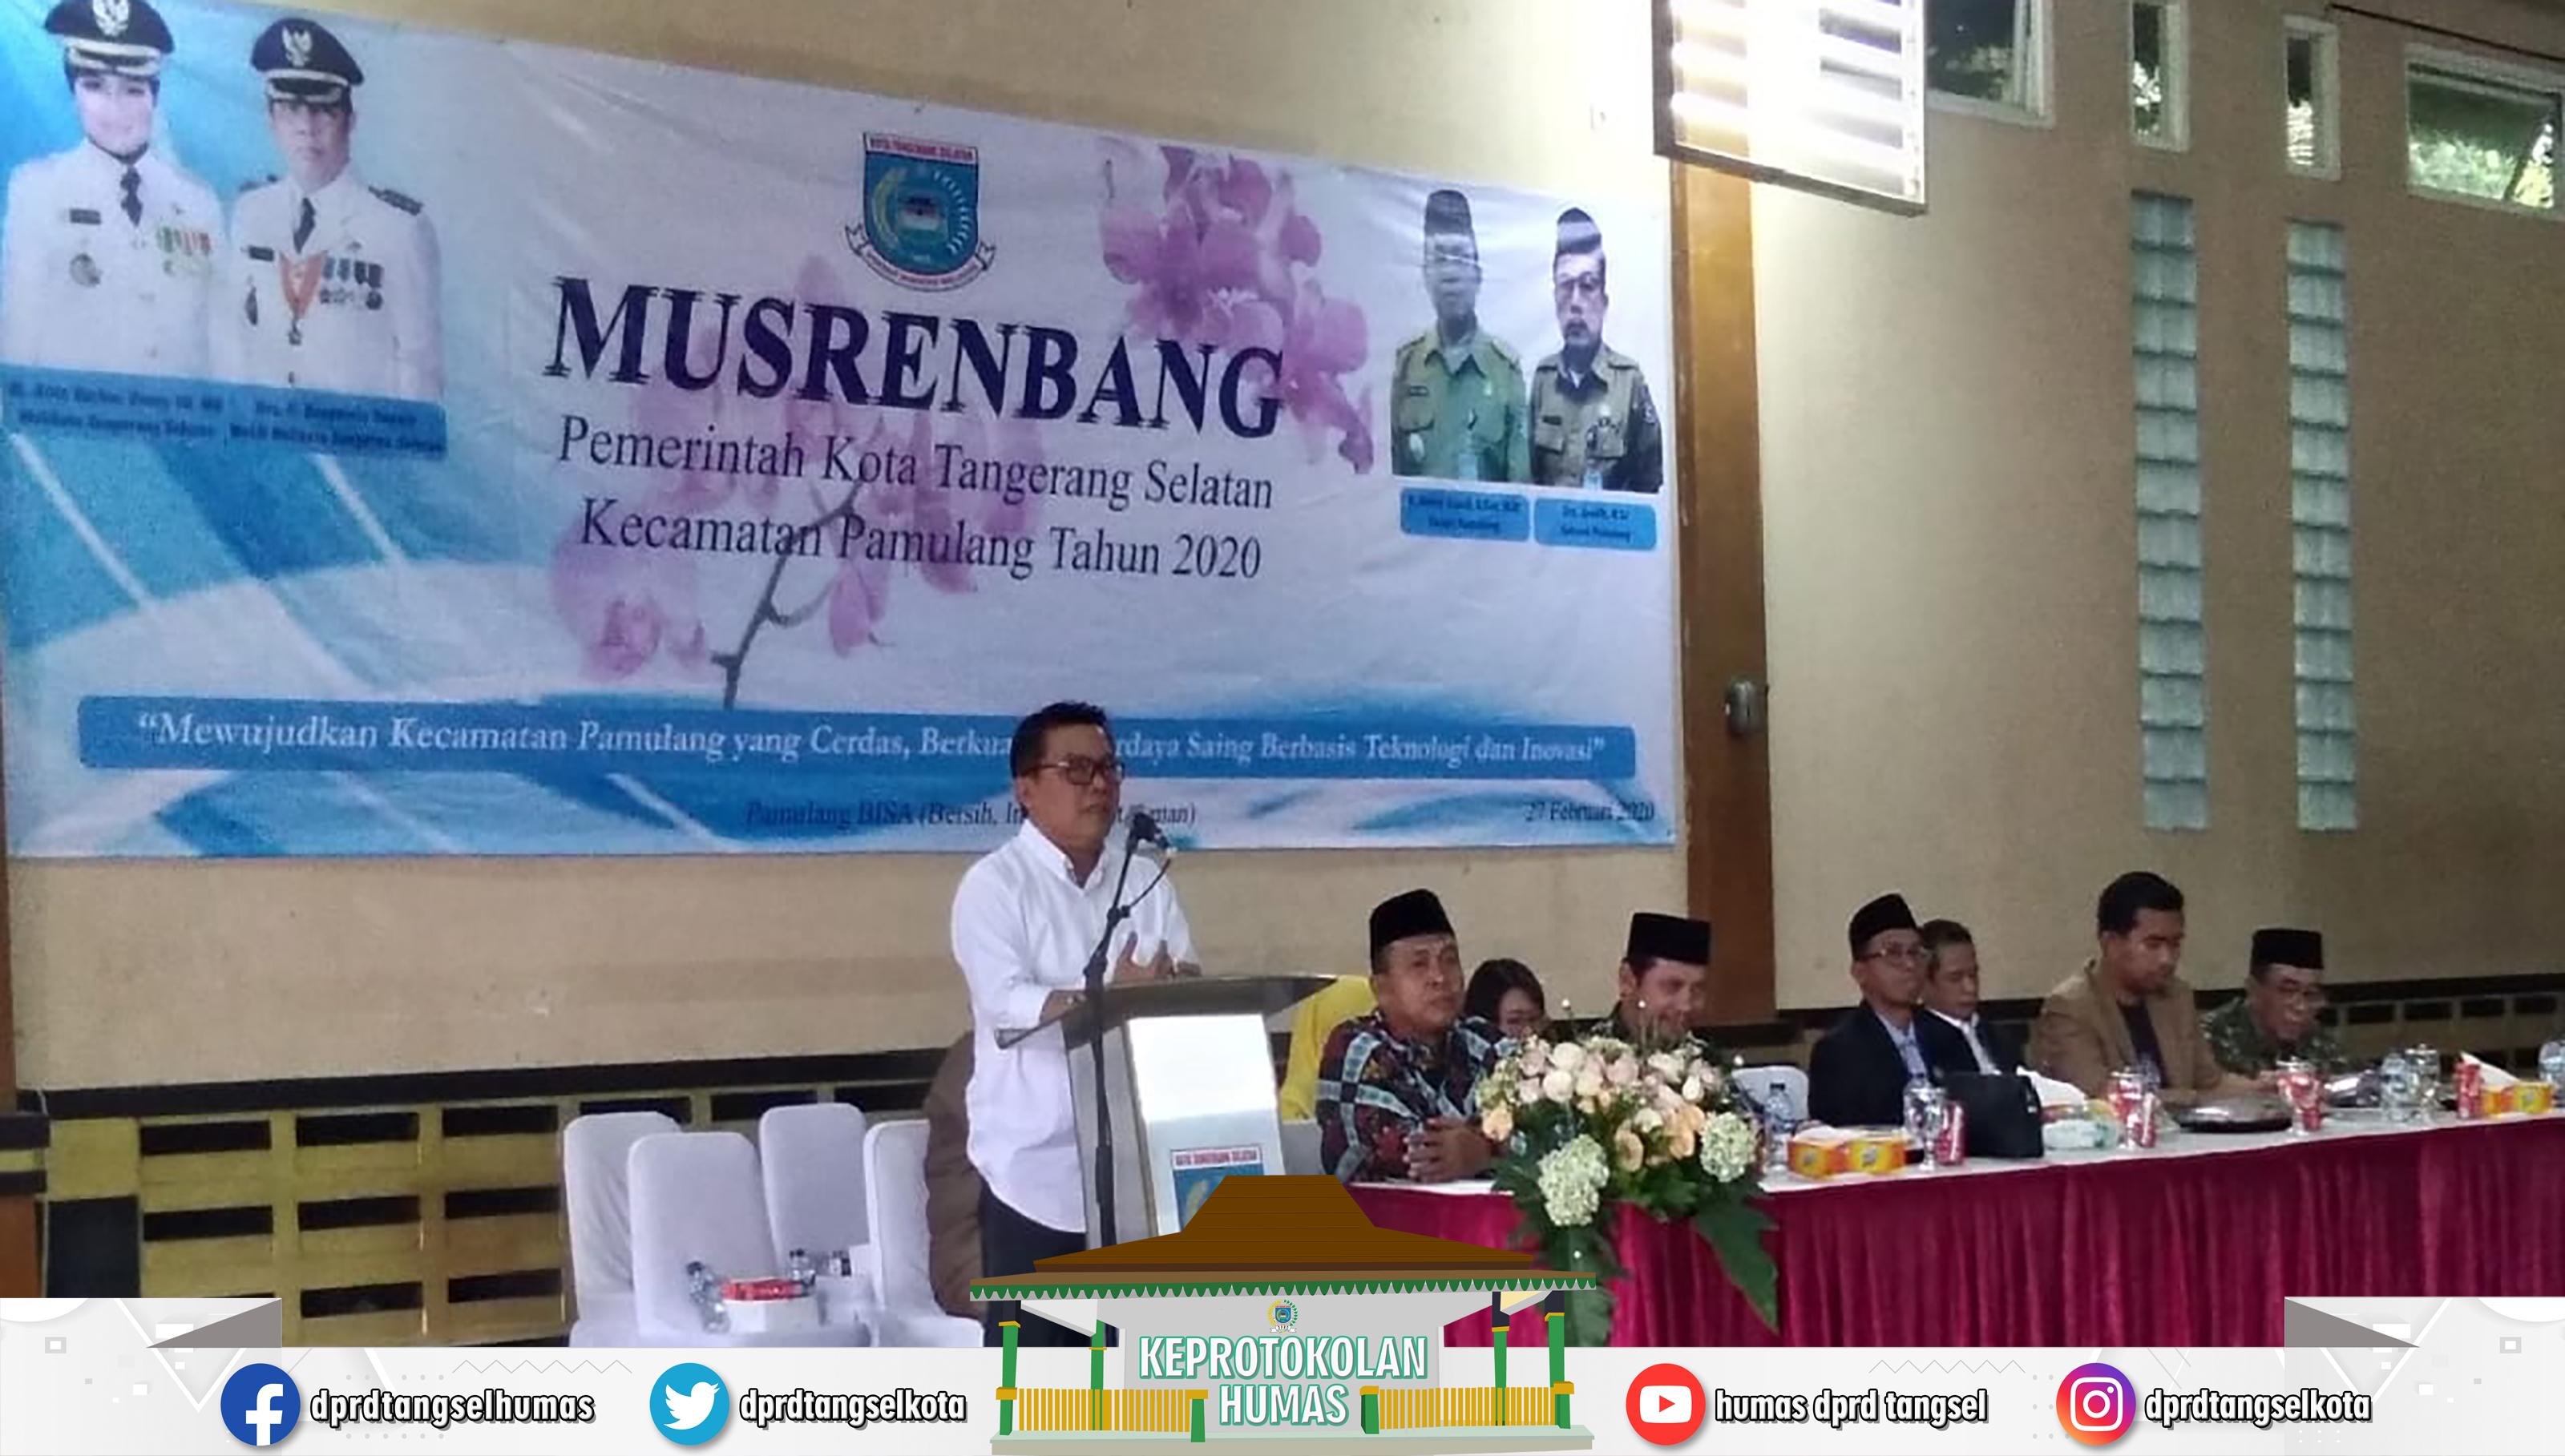 Iwan Rahayu Wakil DPRD menghadiri Musrenbang Kecamatan Pamulang